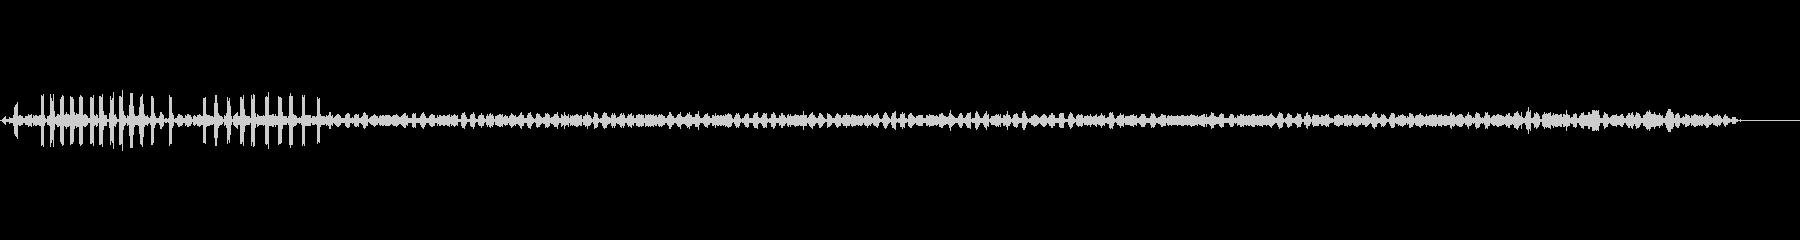 クリケット-昆虫の未再生の波形